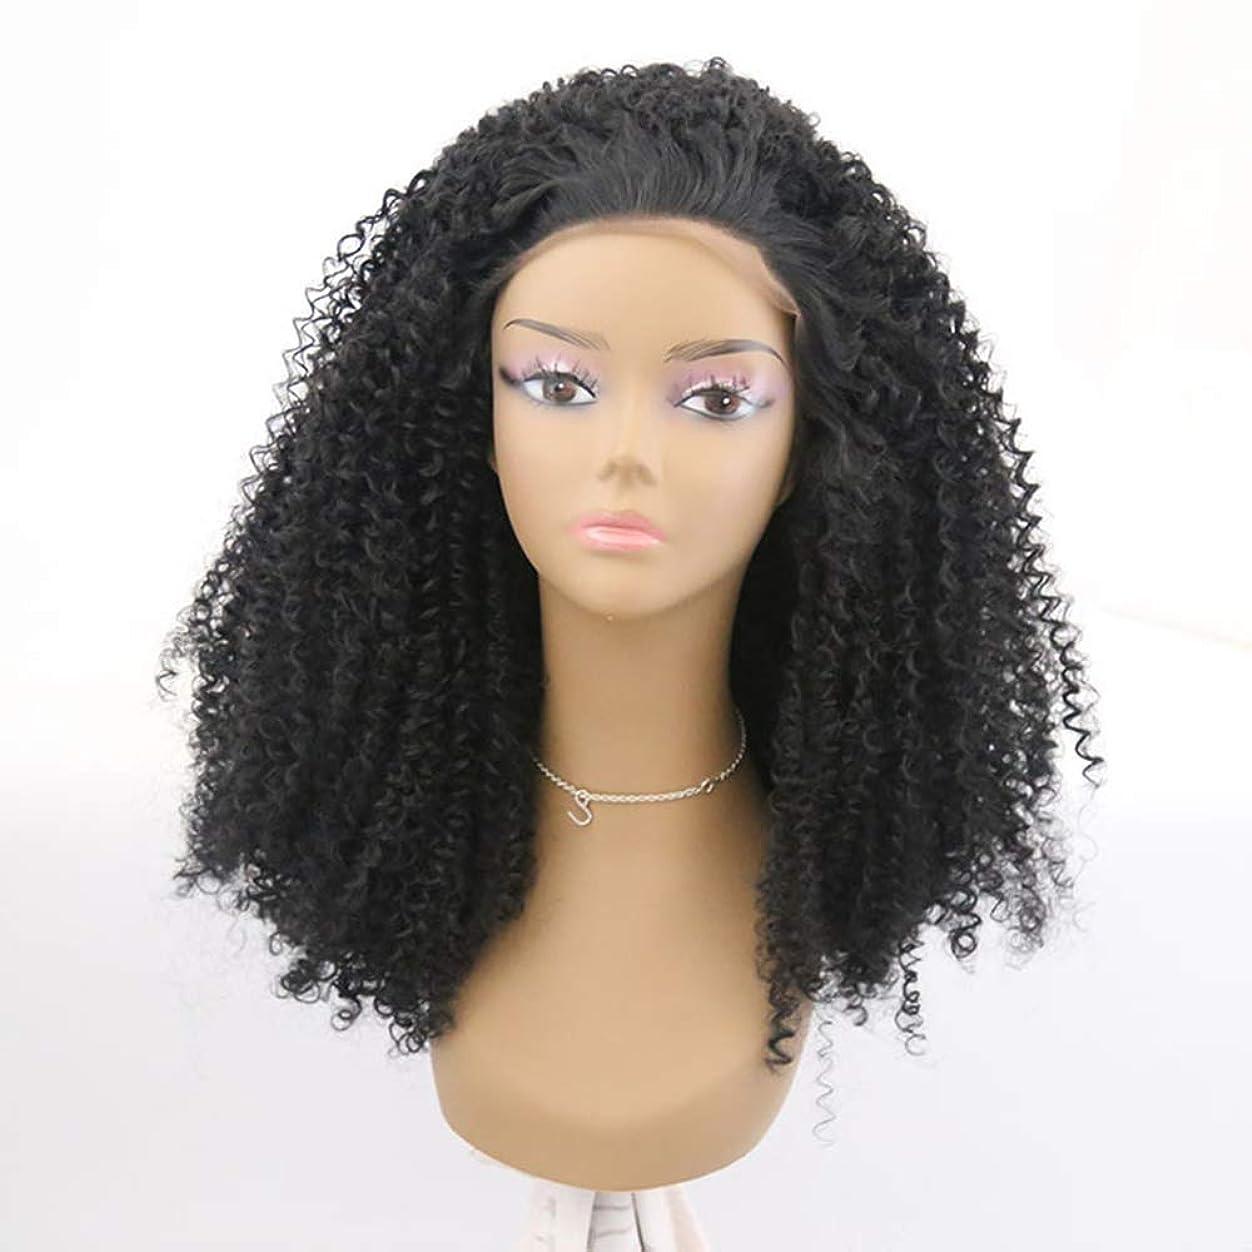 廃棄するお嬢悪化させる女性かつらブラジルの人間の髪の毛短い巻き毛の部分レースフロントかつら赤ん坊の髪の漂白された結び目プレプレックヘアライン180%密度黒